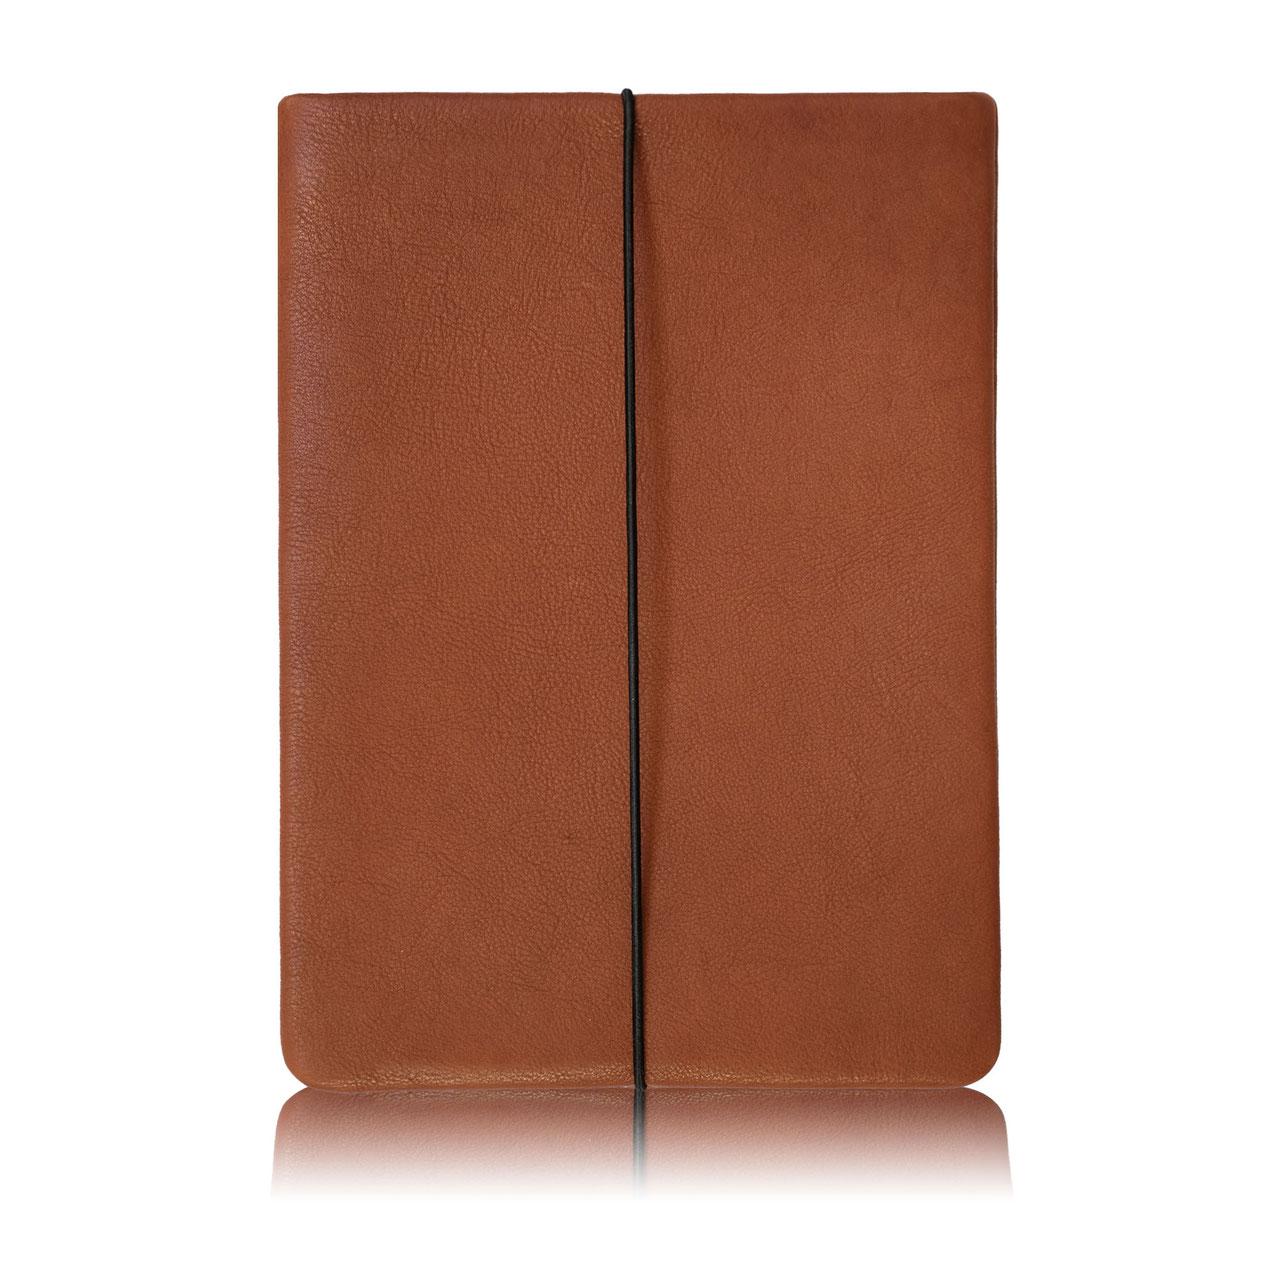 6e0e097a22a54 Laptoptasche aus braunem Leder - Manufaktur für Leder Cases   Co.